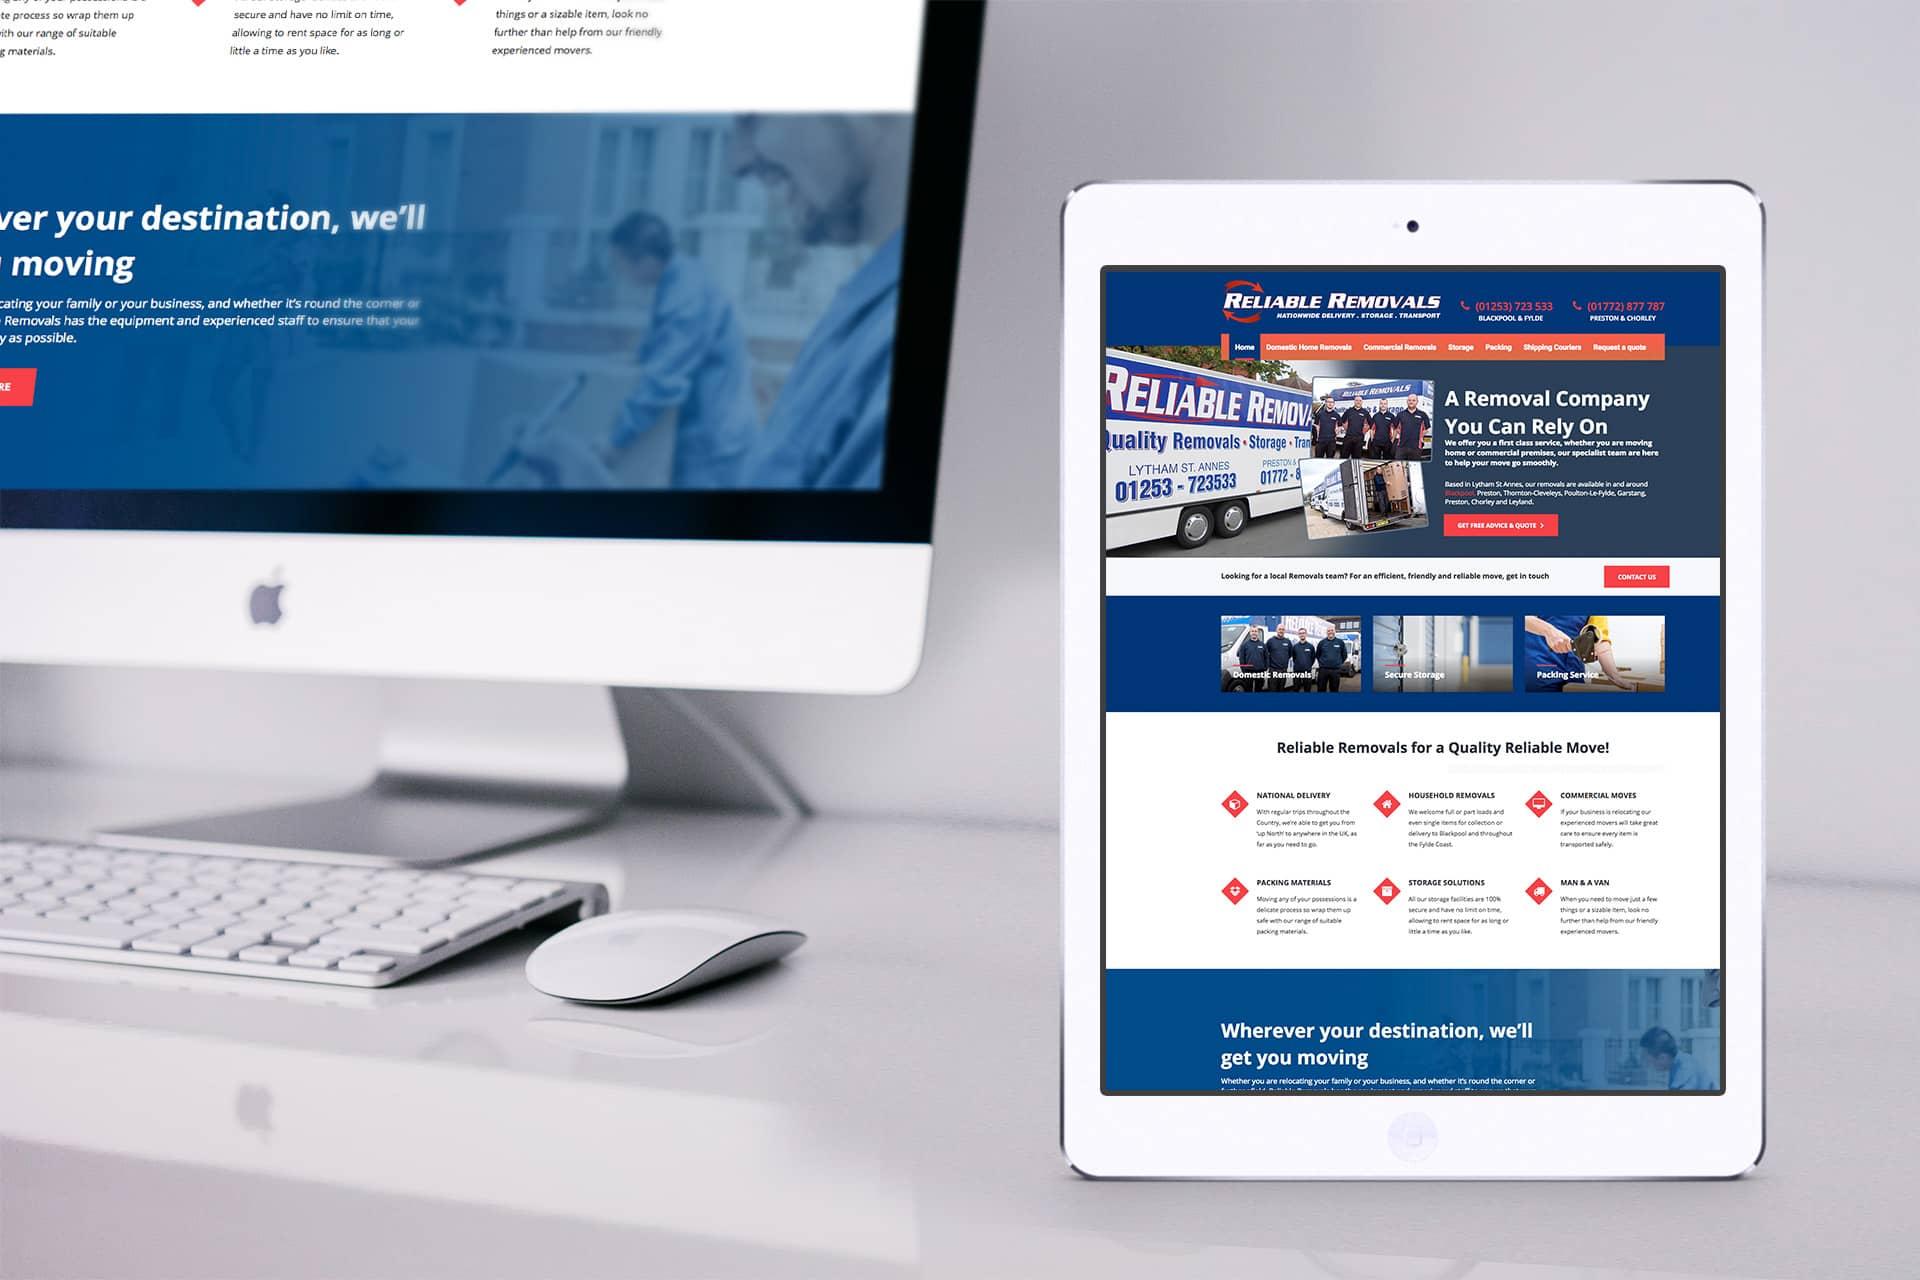 removals company web design 1